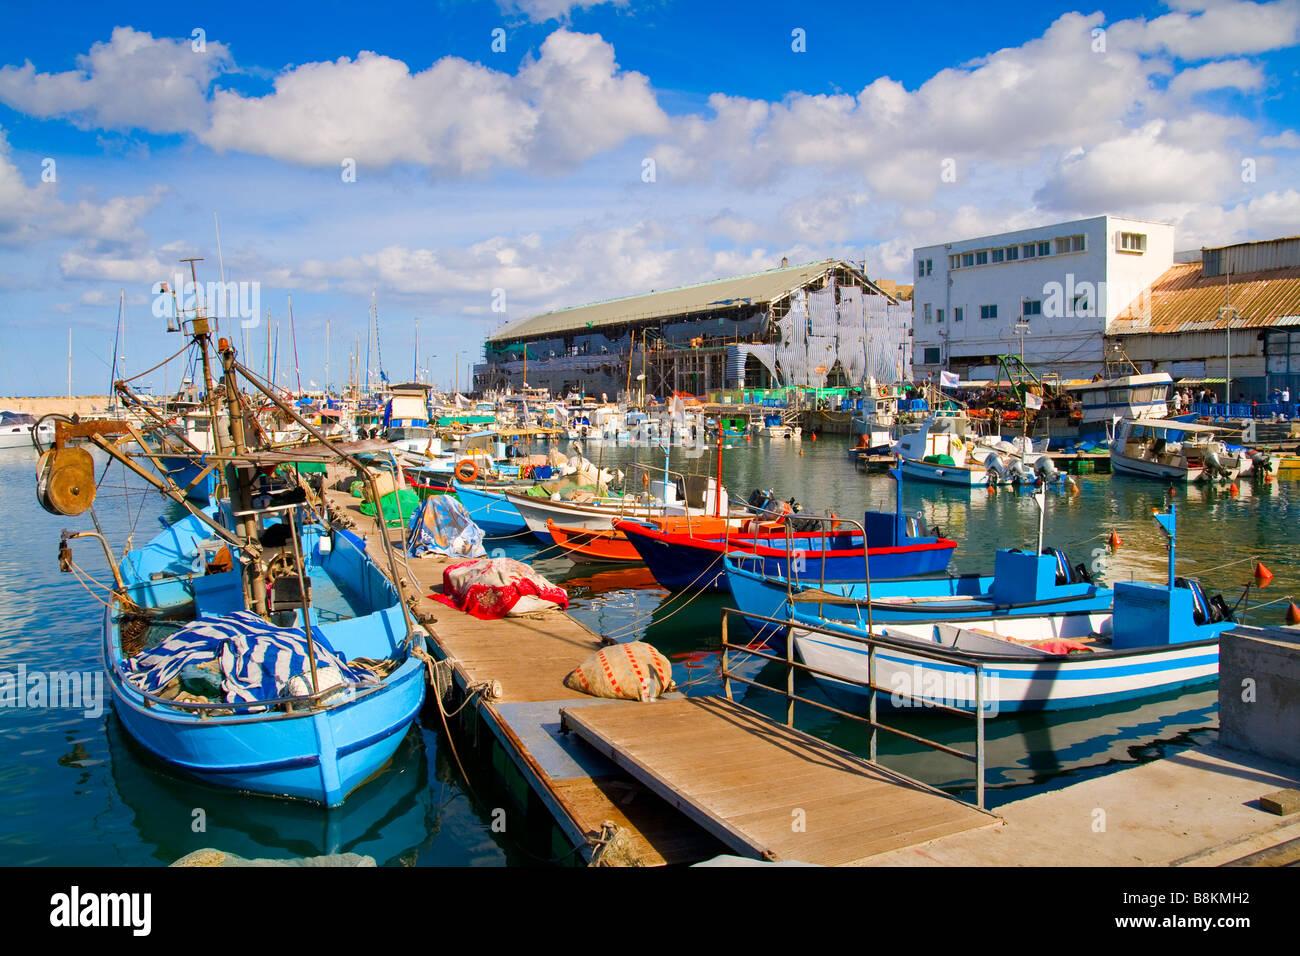 Un montón de barcos en el pintoresco puerto de Tel Aviv, Israel Imagen De Stock